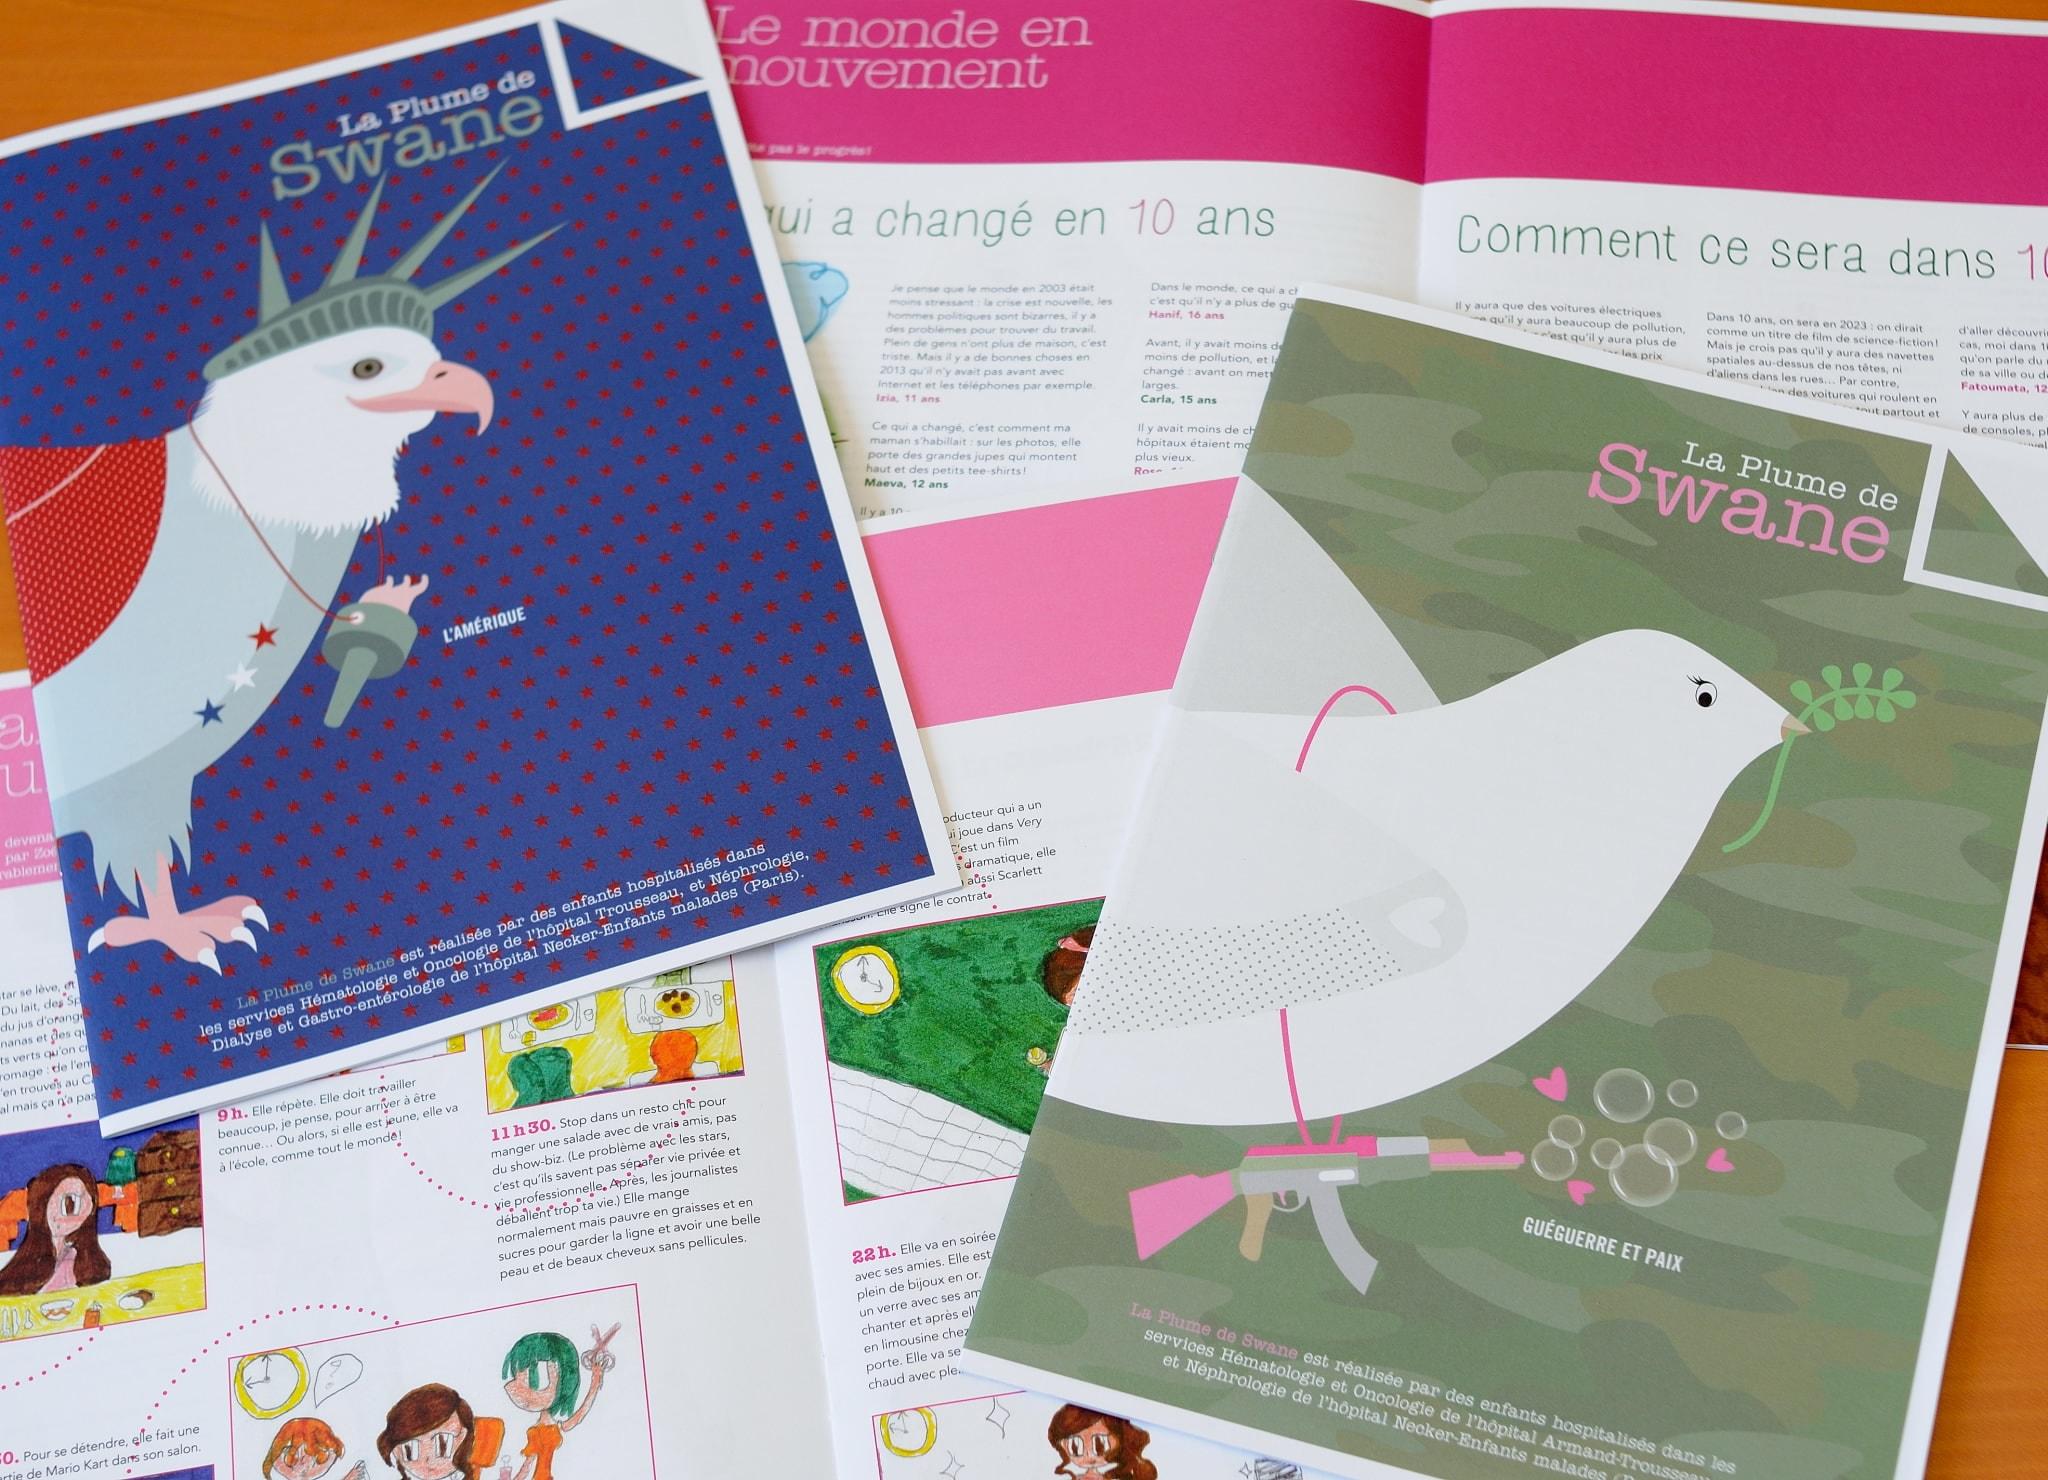 Les couvertures du magazine La Plume de Swane